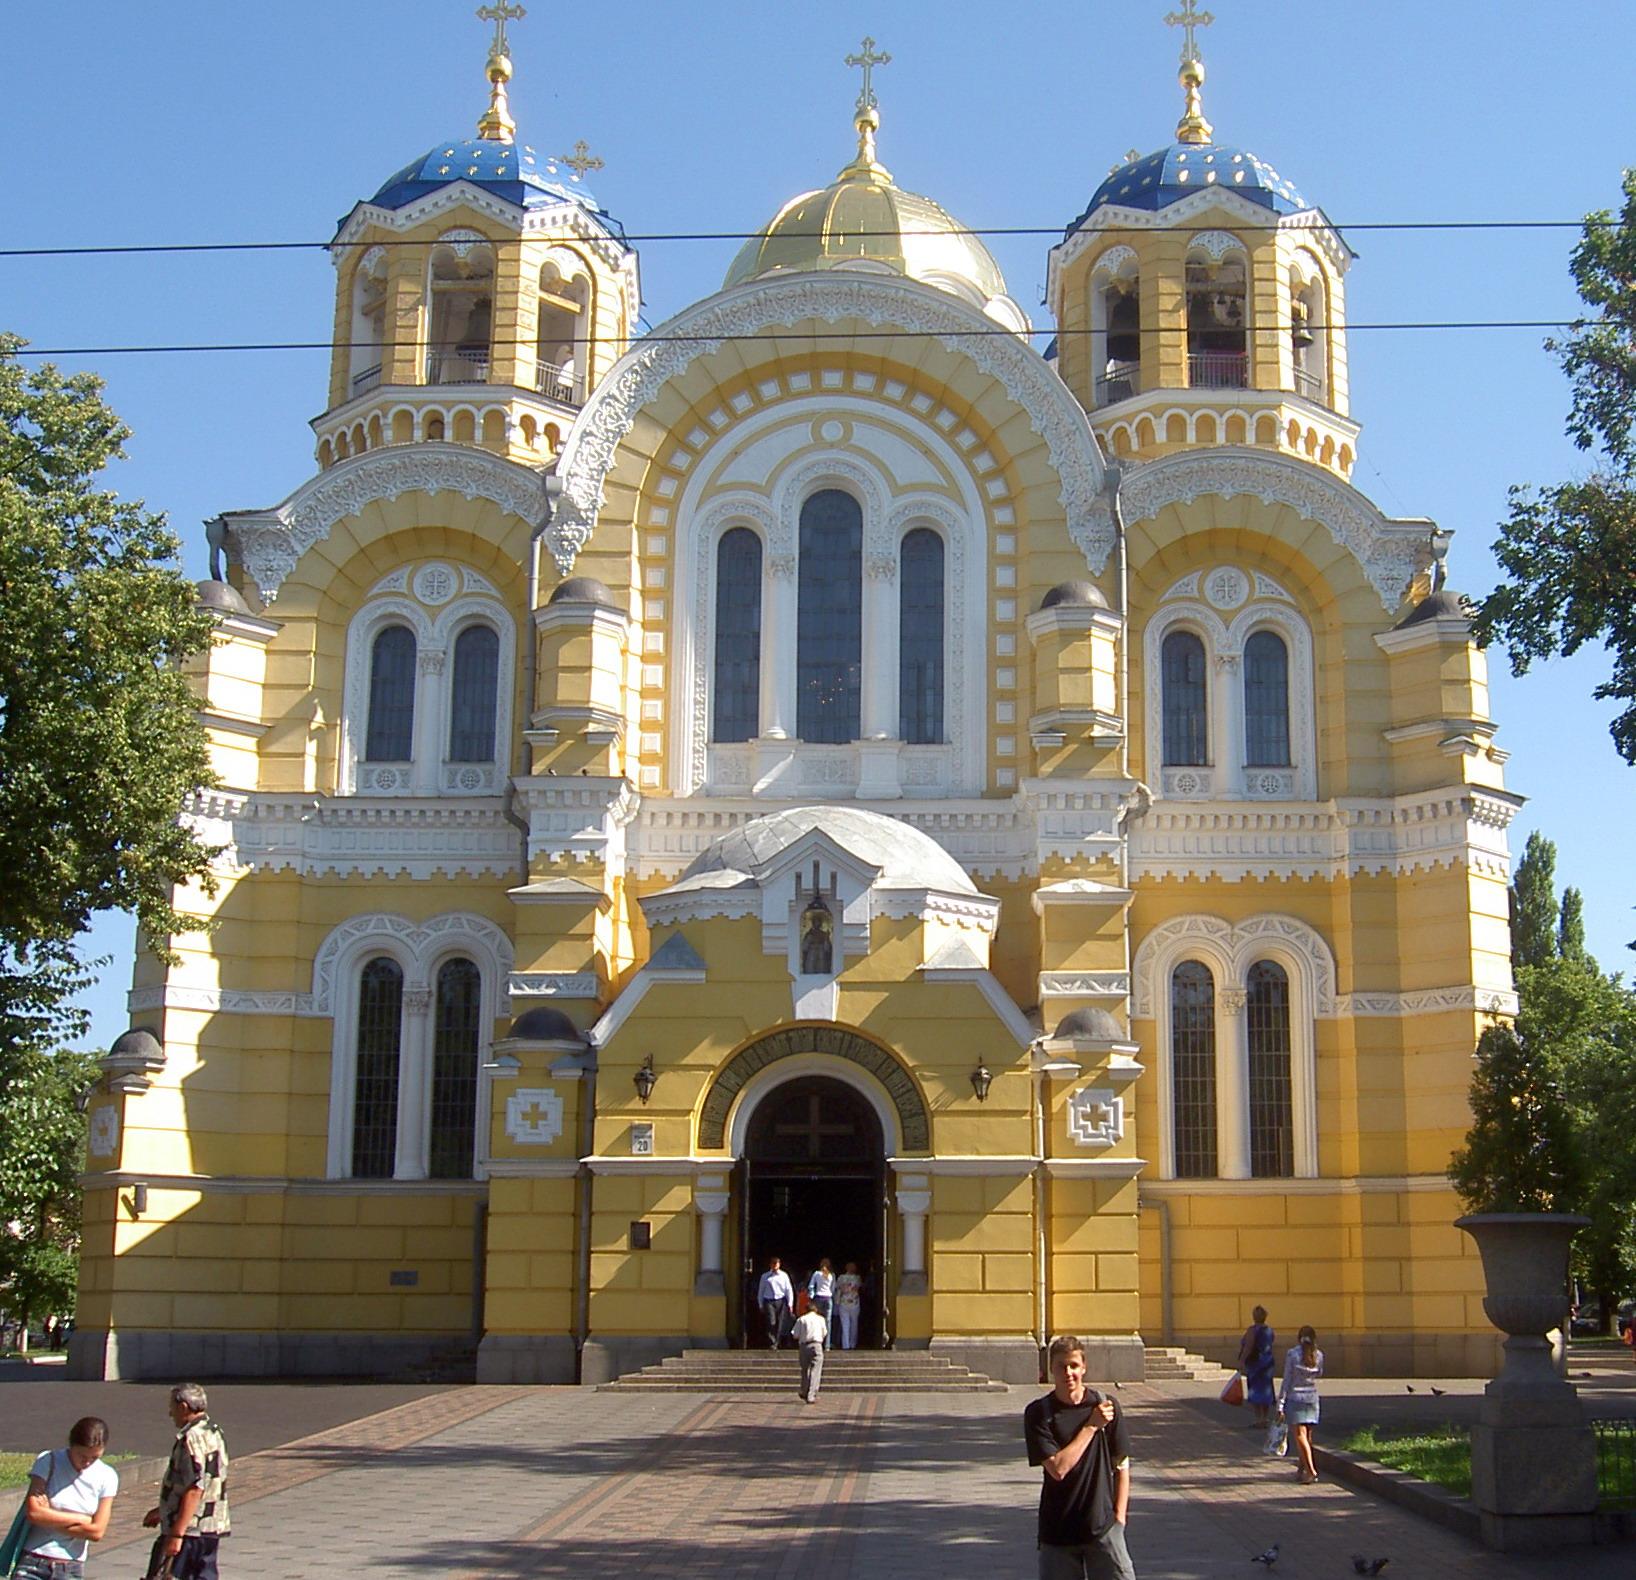 neobyzantine architecture in the russian empire